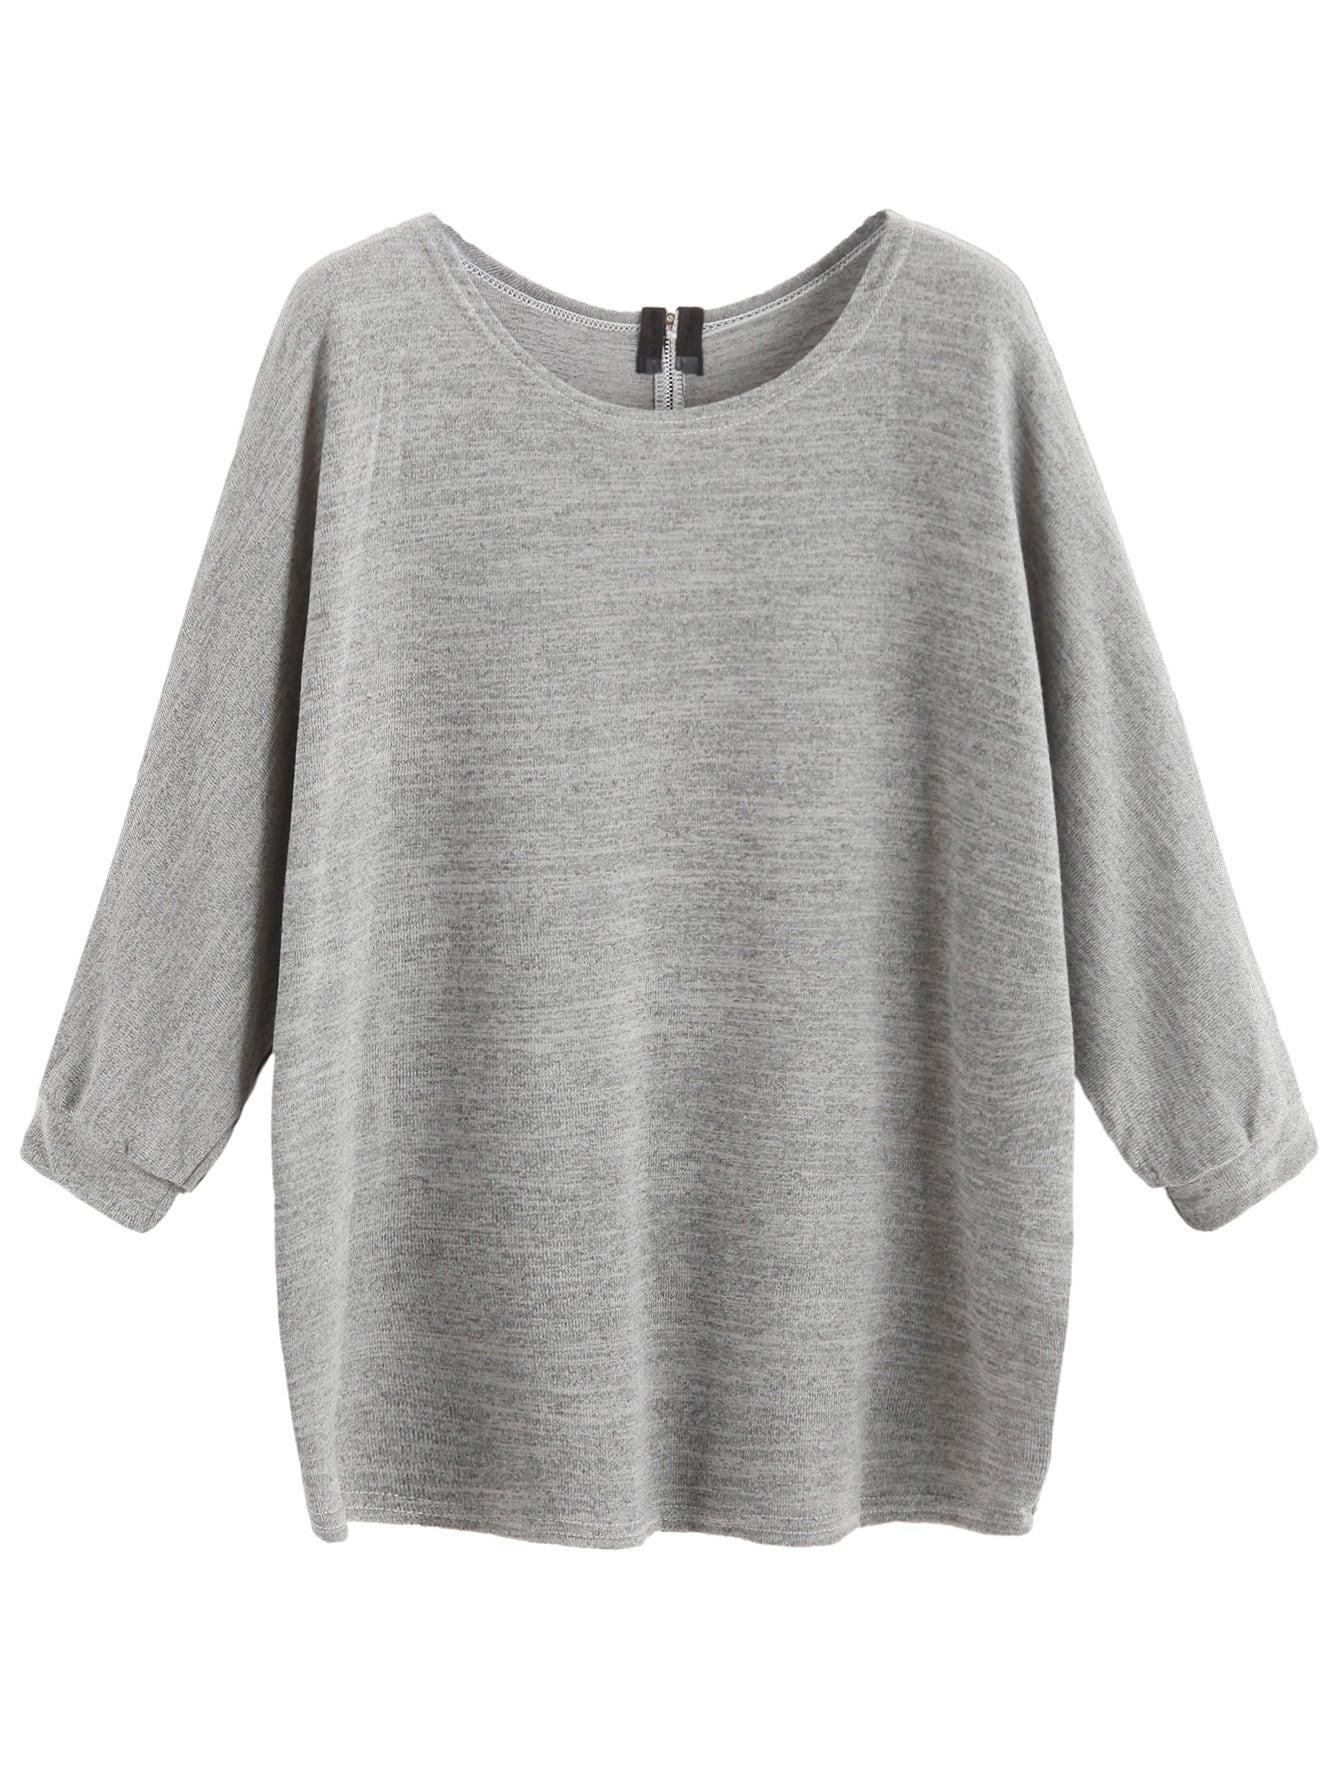 Grey Zipper Back T-shirt tee160906104